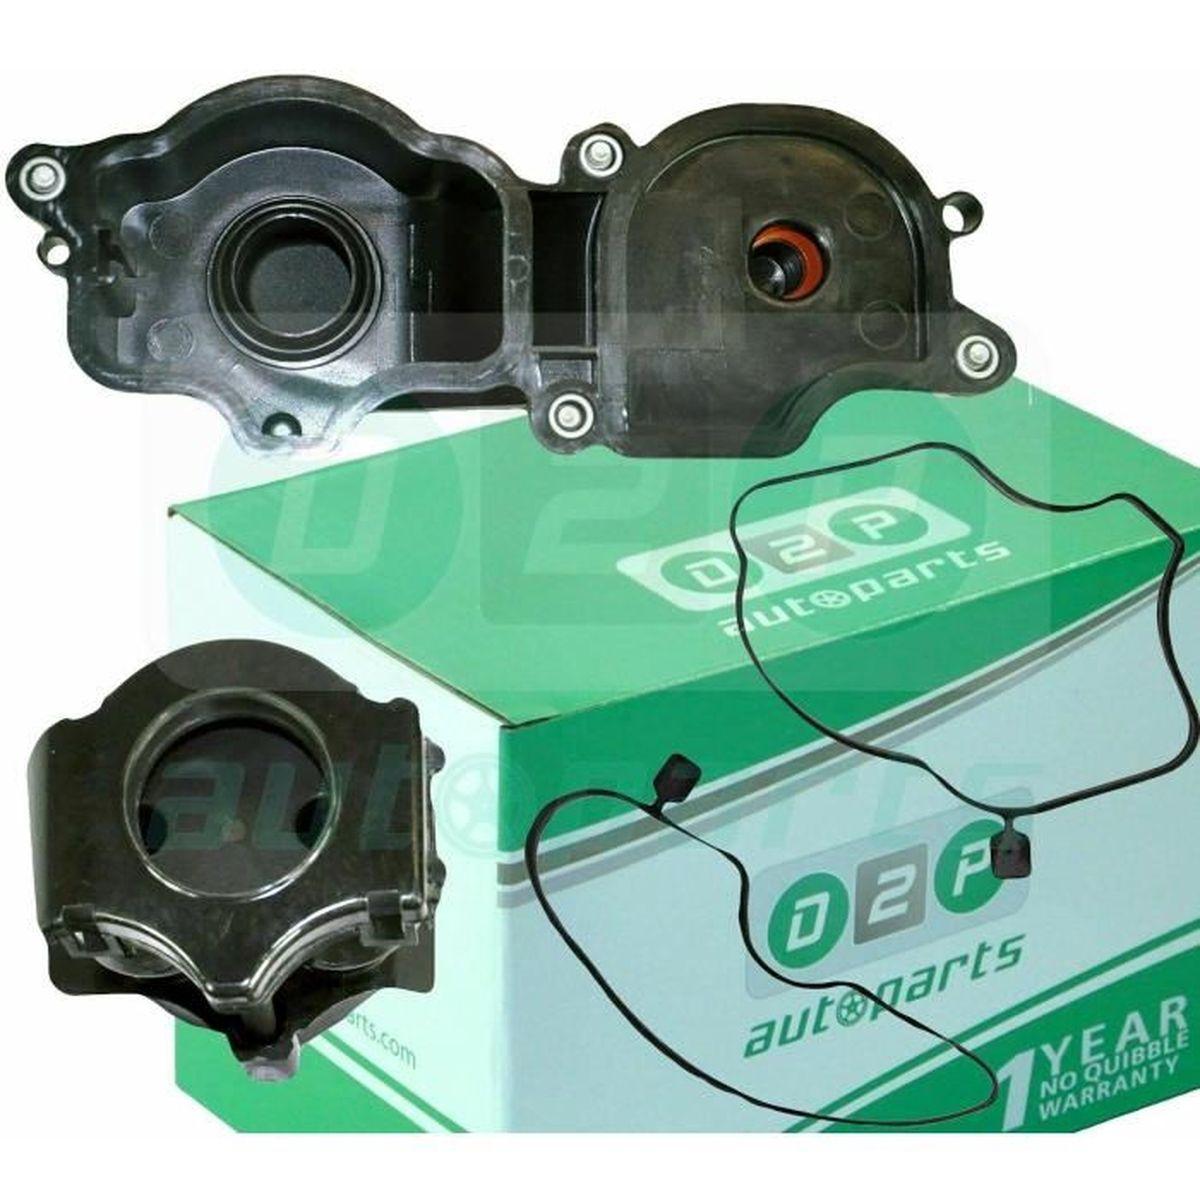 Filtre à huile-BMW 5er e39-s/' adapte uniquement pour 525d 530d